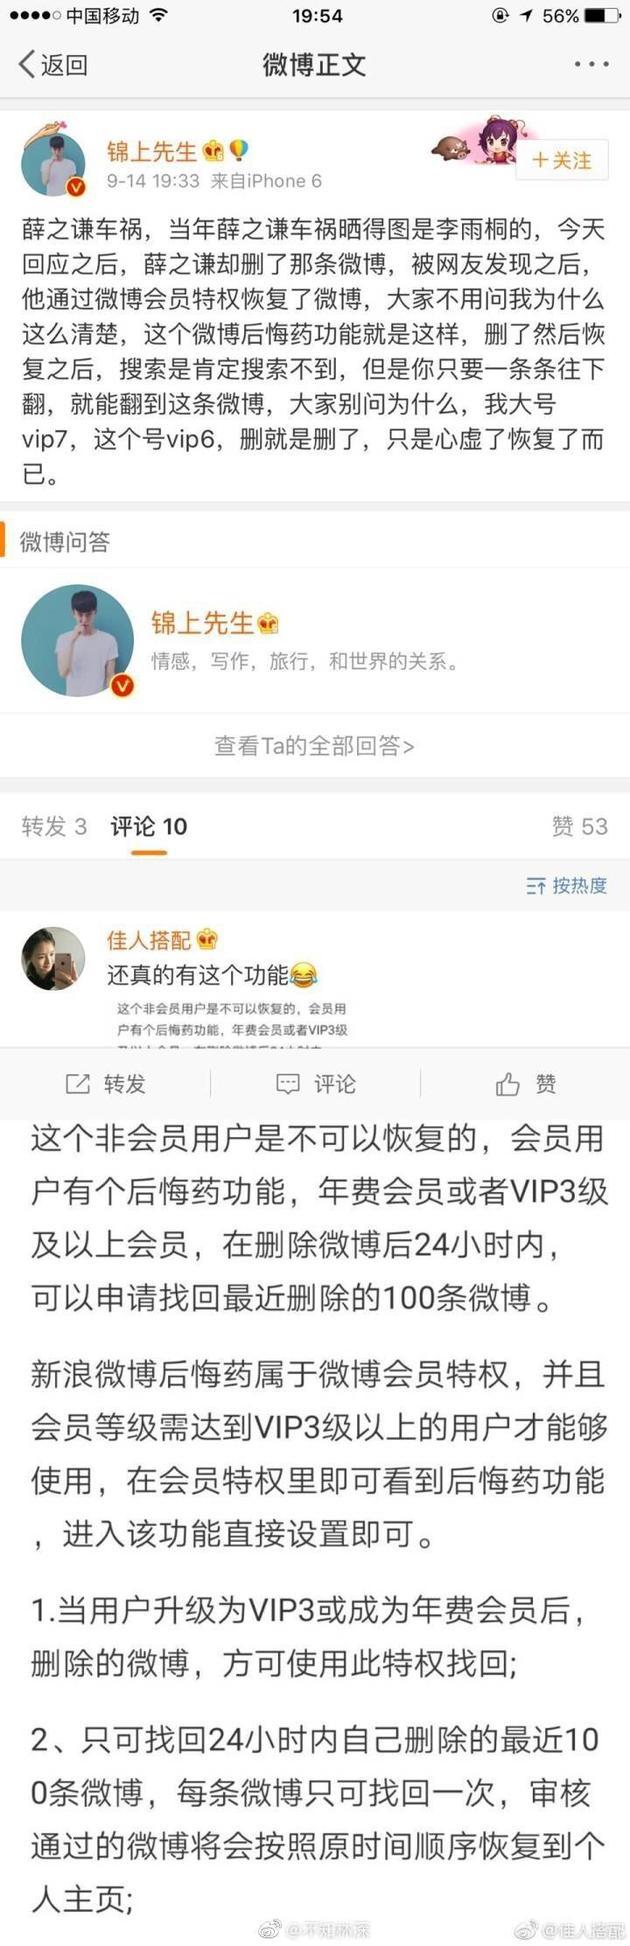 薛之谦暗中删车祸微博被网友抓包